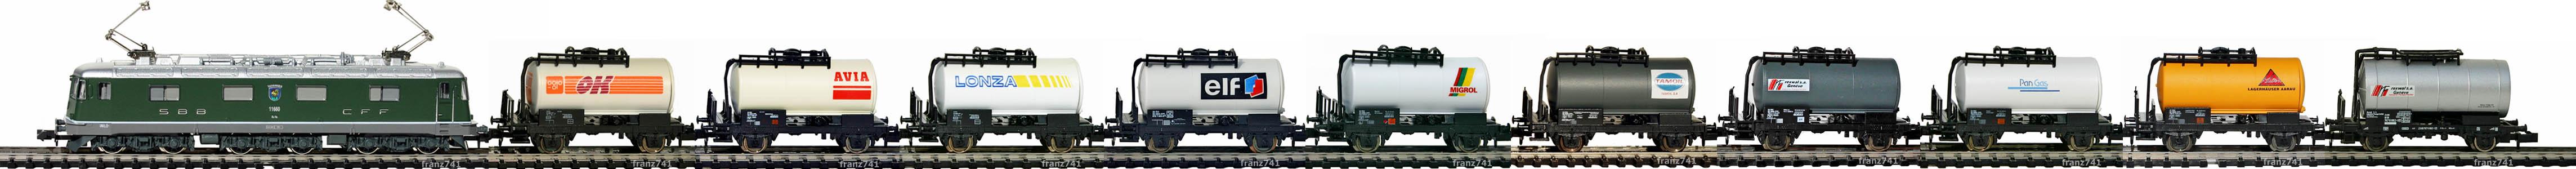 Epoche-V-SBB-Zugskomposition-Gueterwagen-Kesselwagen-Typ-Z